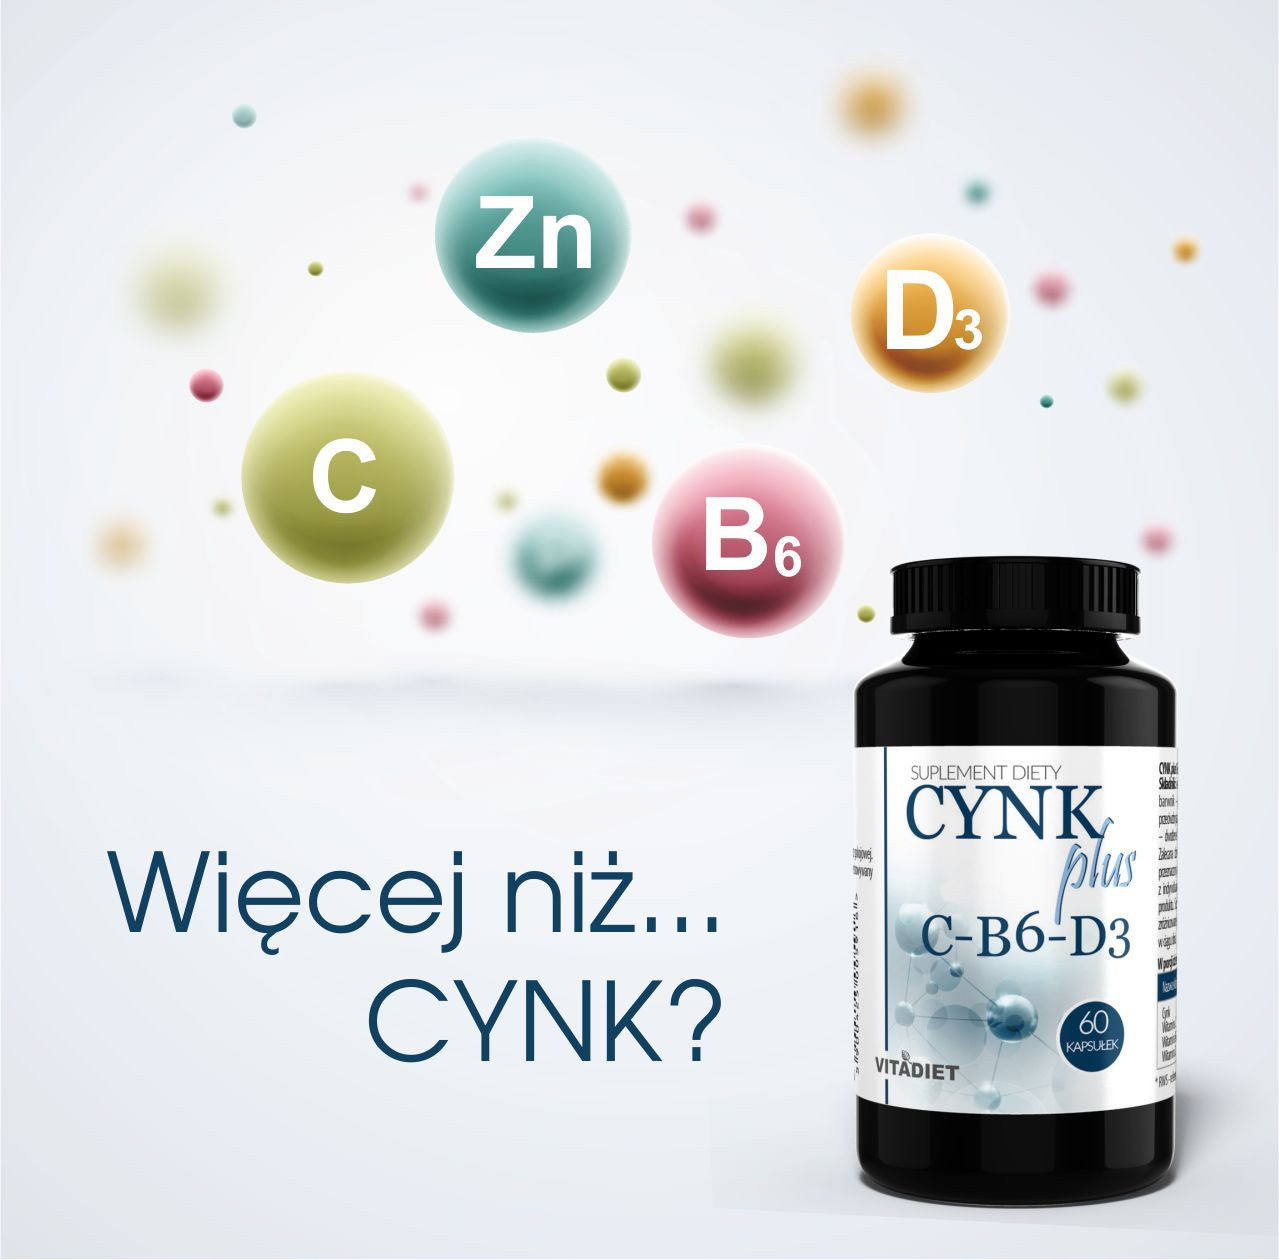 Cynk plus C-B6_D3 60 kapsułek - nowość dla wsparcia odporności